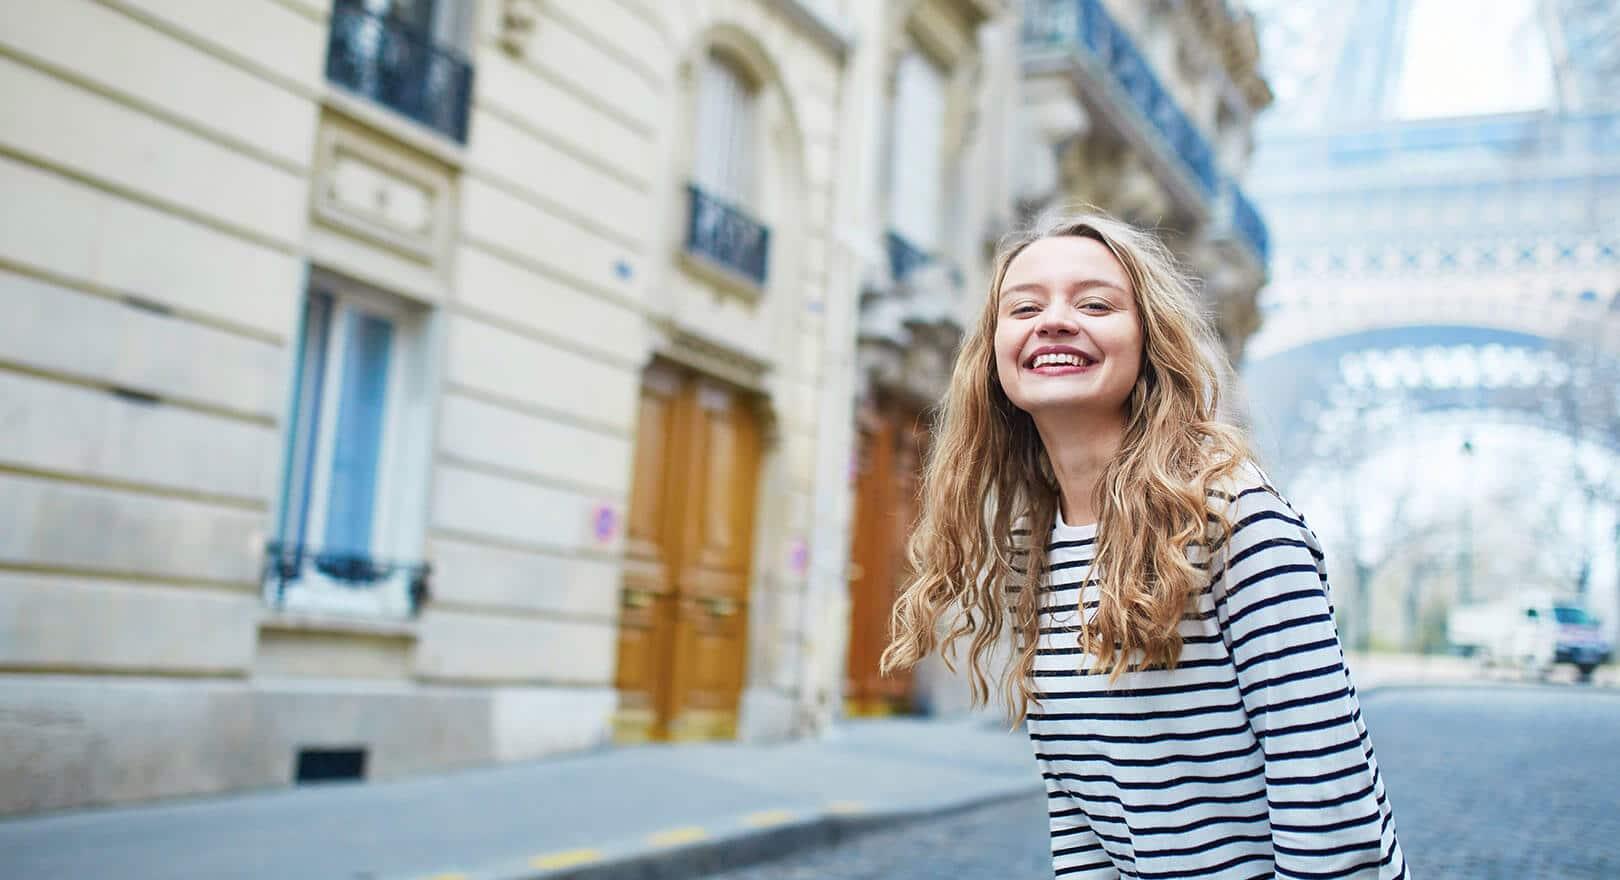 Wer an Frankreich denkt, denkt vielleicht an Paris, an Mode an Liebe und Leidenschaft, an ein Land das weltoffen und modern ist.